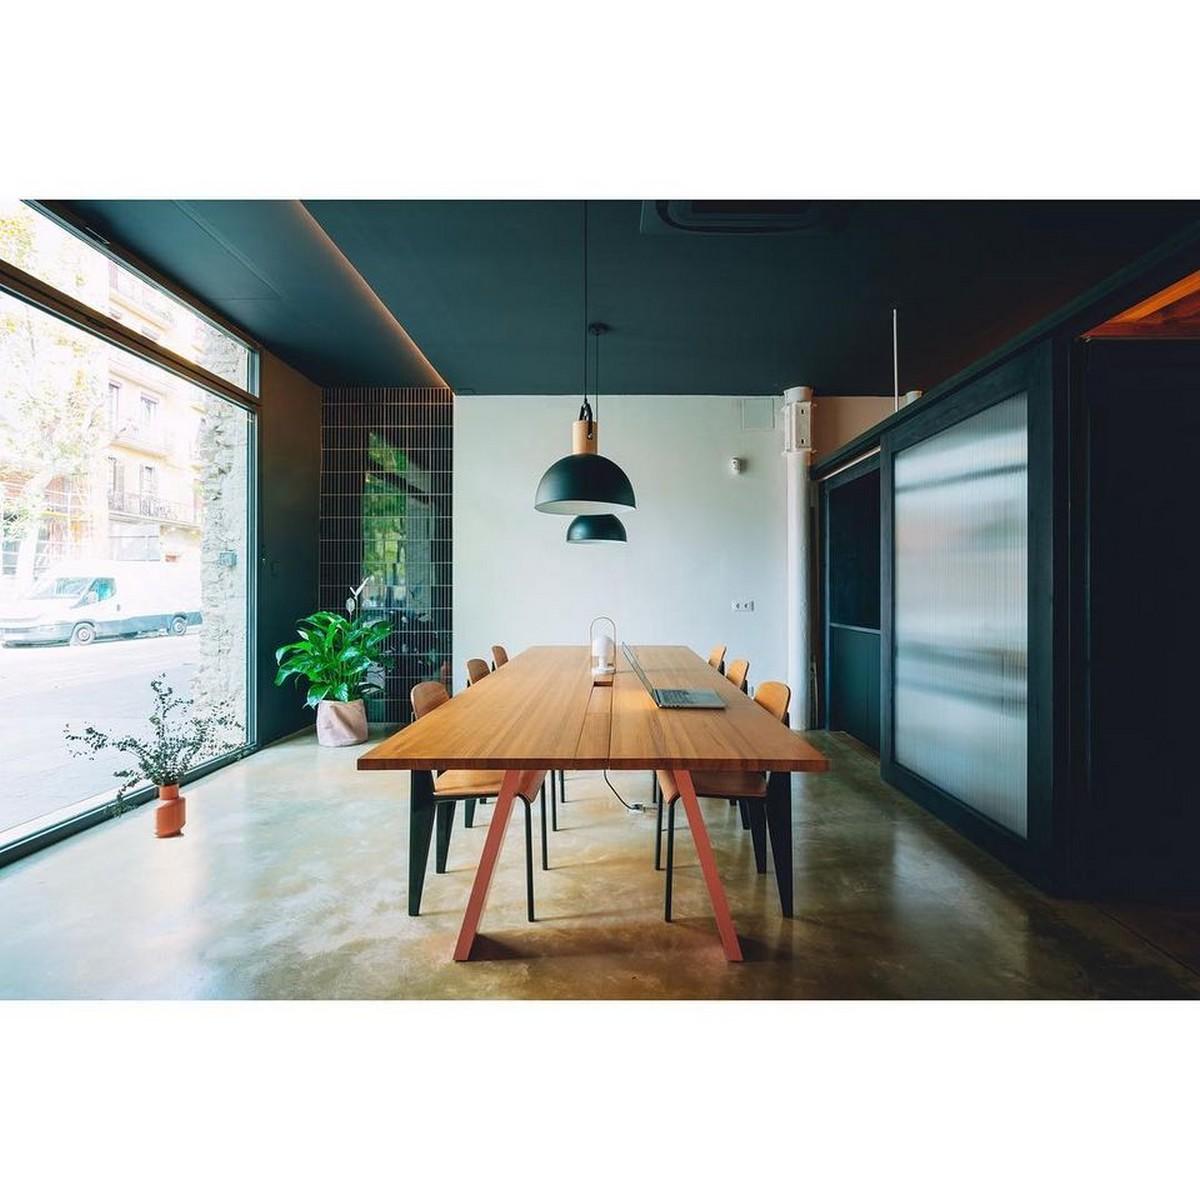 Top Diseño de Interiores: Nook crea espacios exclusivos y poderosos top diseño de interiores Top Diseño de Interiores: Nook crea espacios exclusivos y poderosos 51910959 992050047585485 3145026554531151872 o